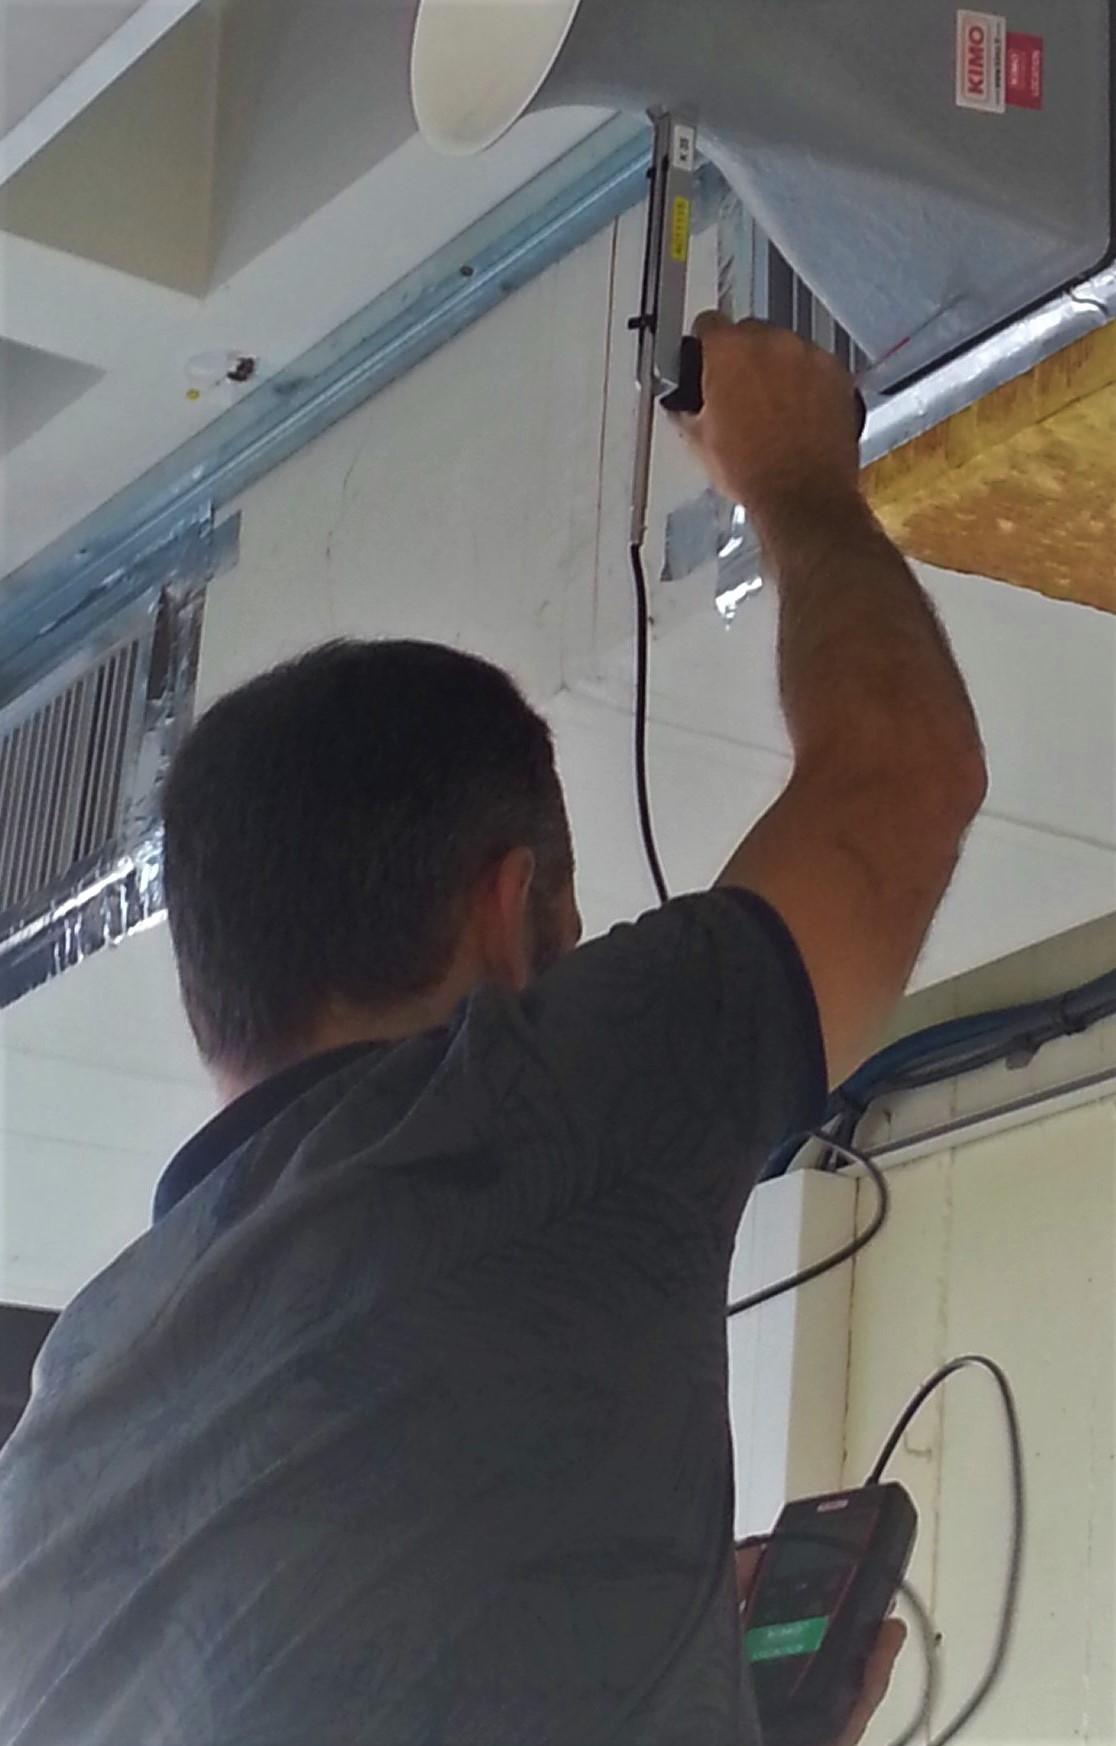 C2S - amélioration de la QAI / qualité de l'air intérieur